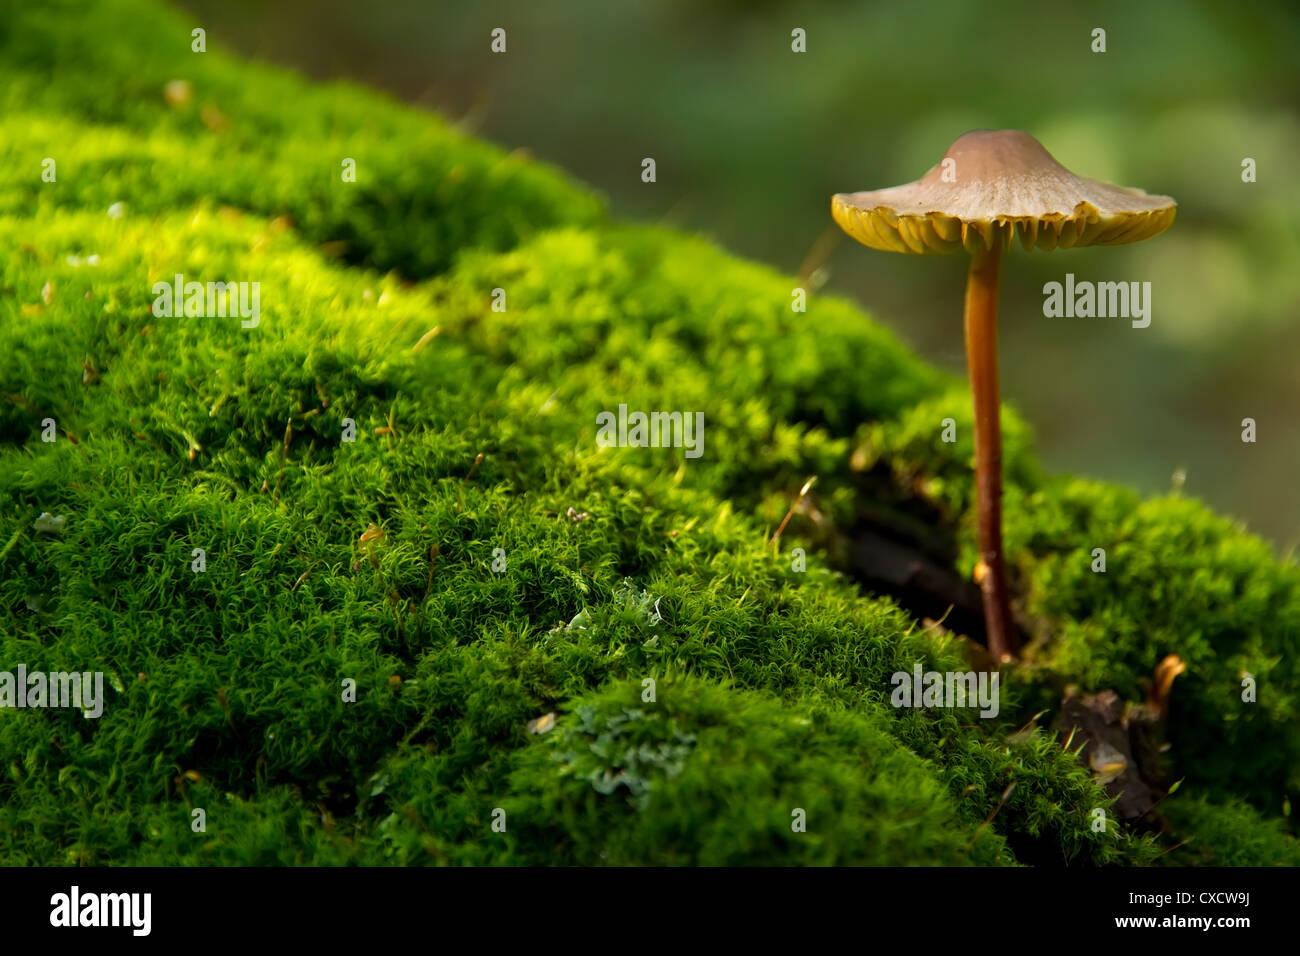 Coltivazione di funghi da albero, Мусепа haematopus Foto Stock